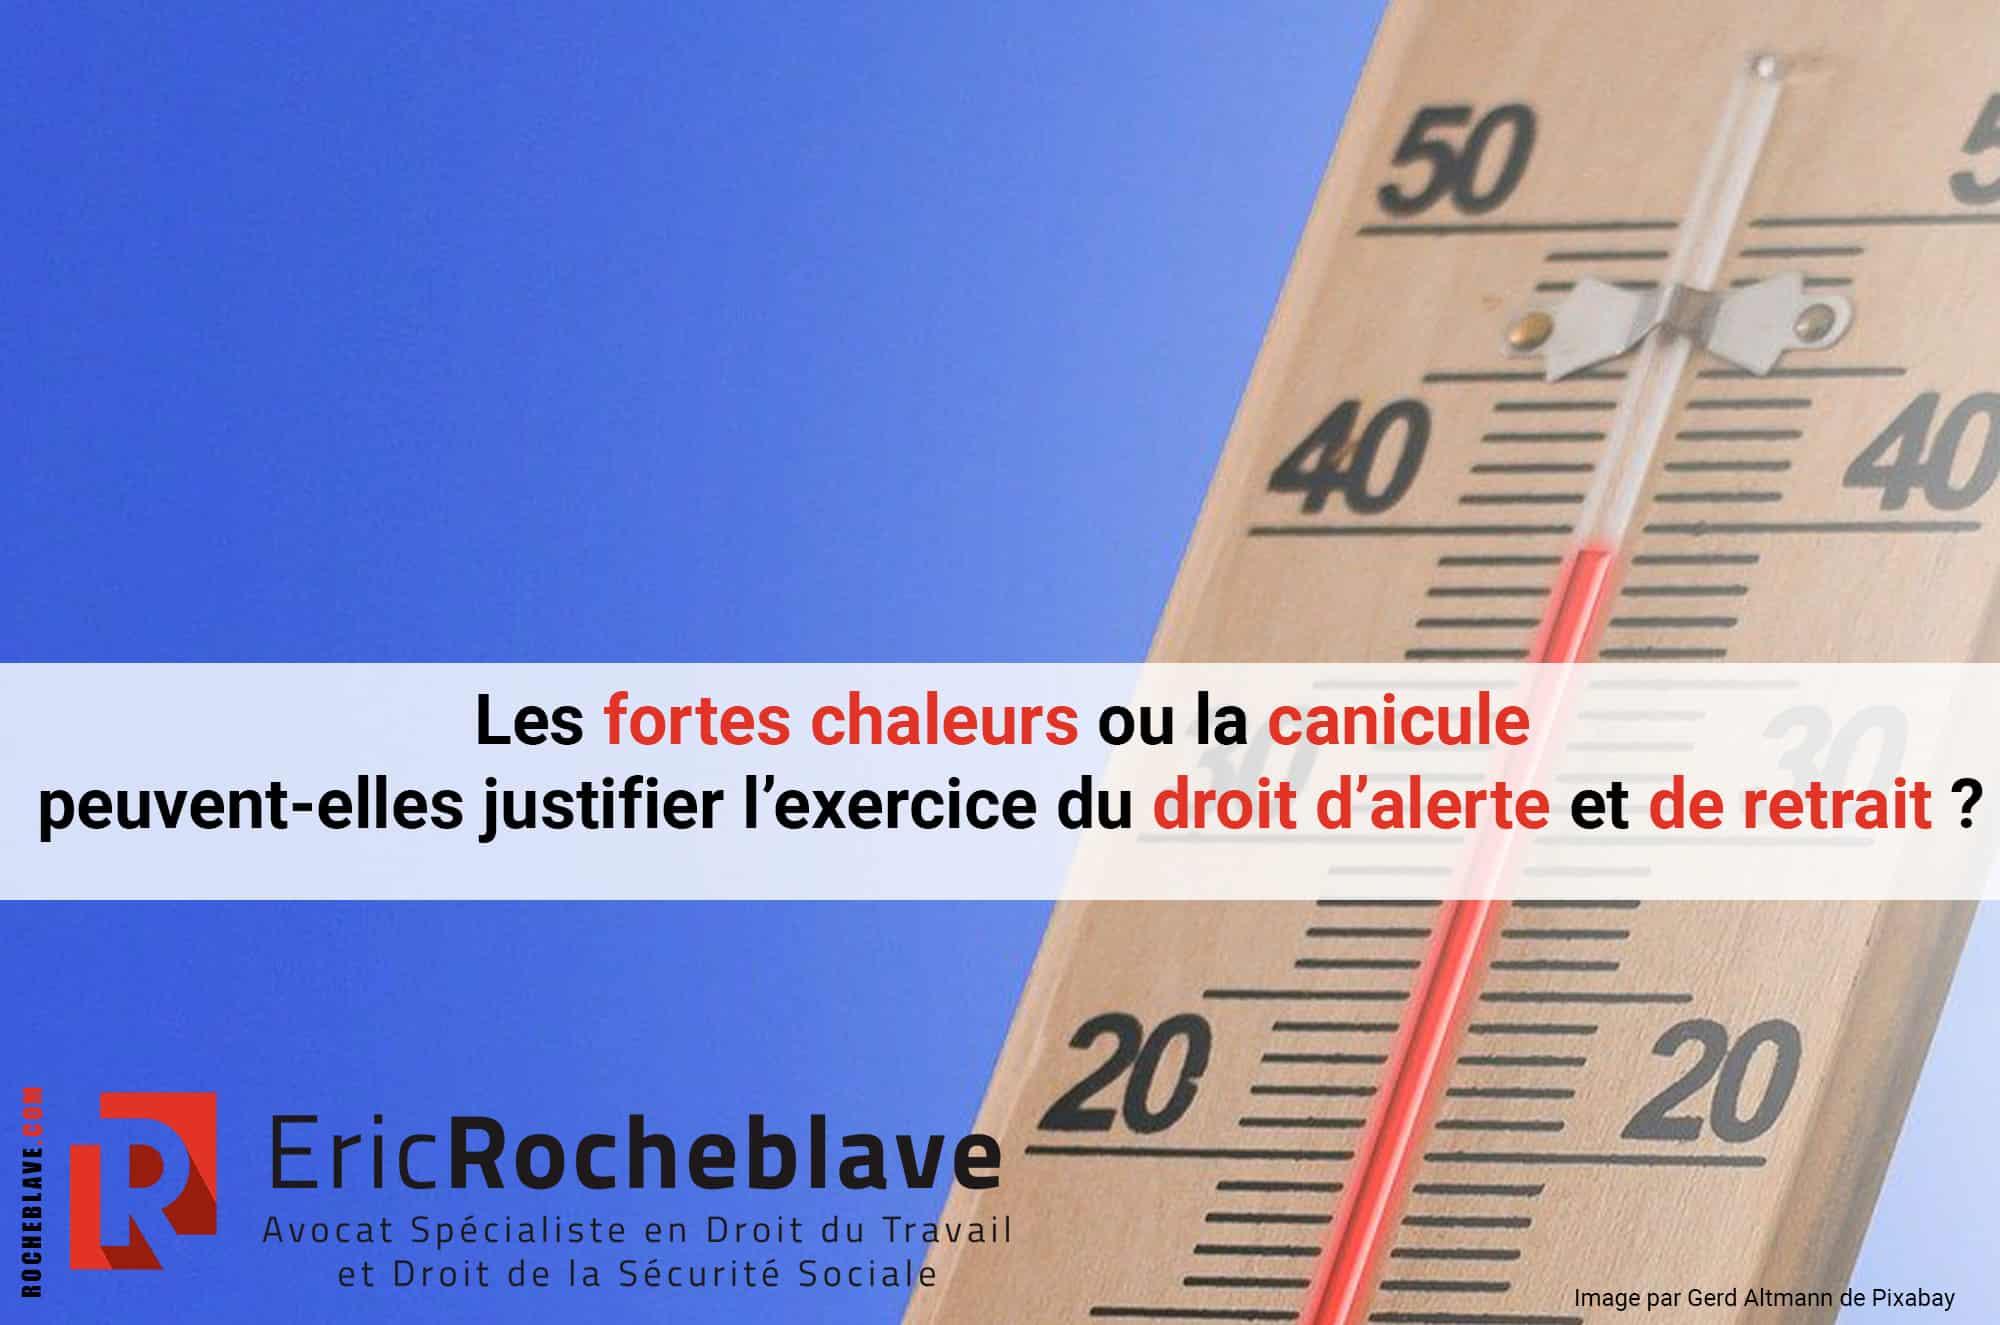 Les fortes chaleurs ou la canicule peuvent-elles justifier l'exercice du droit d'alerte et de retrait ?